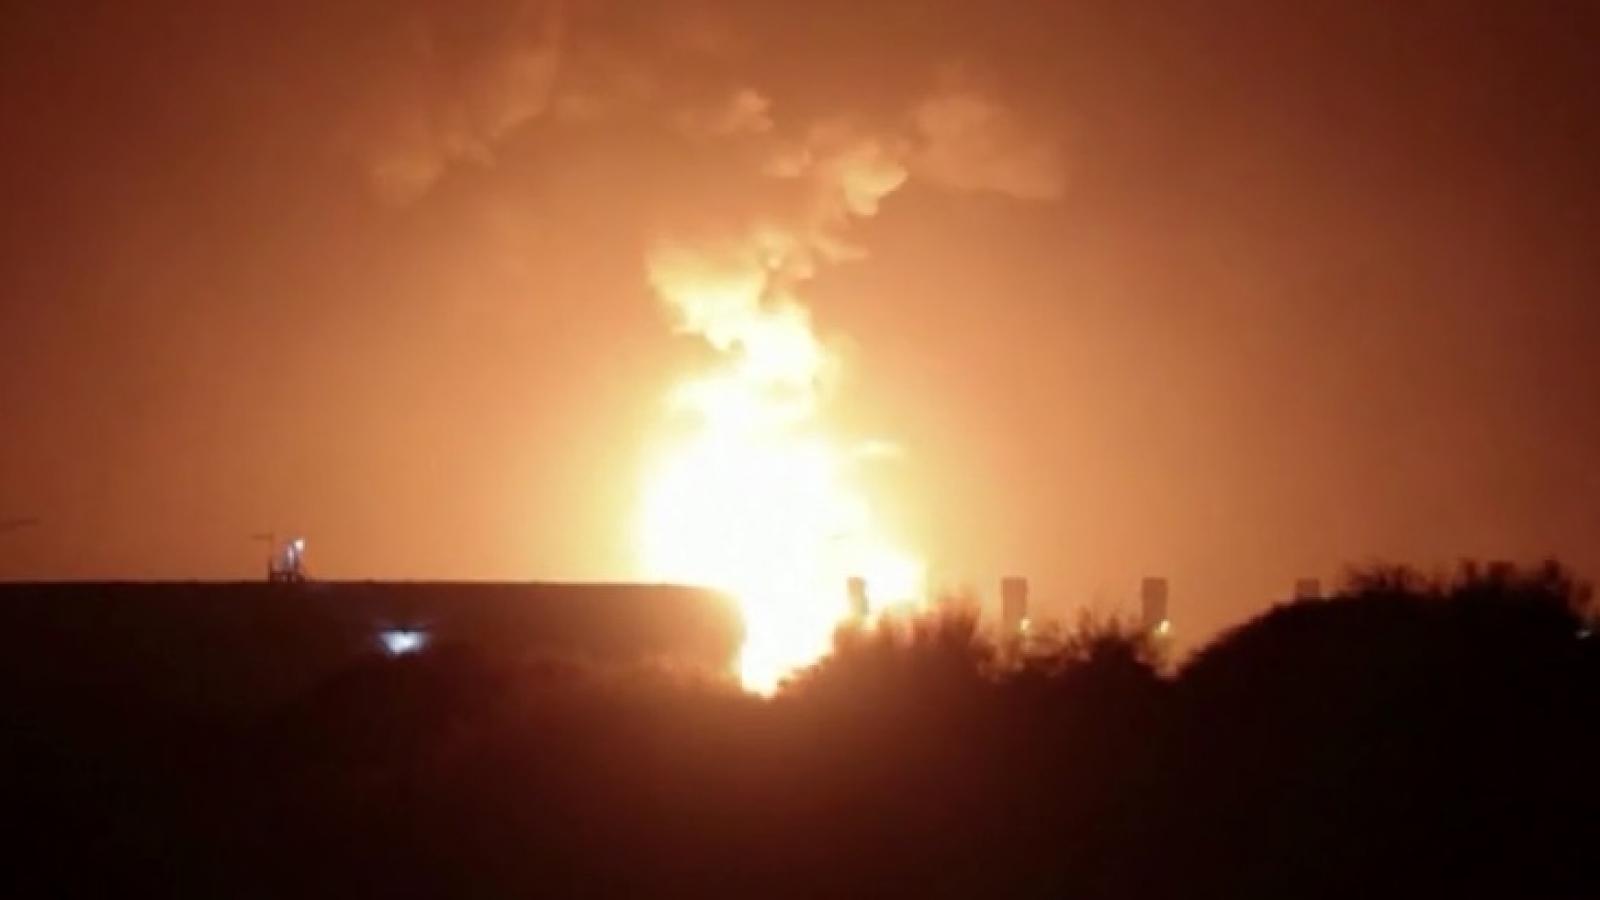 Đường ống dầu khí Israel bốc cháy do trúng rocket Hamas phóng từ Gaza sang